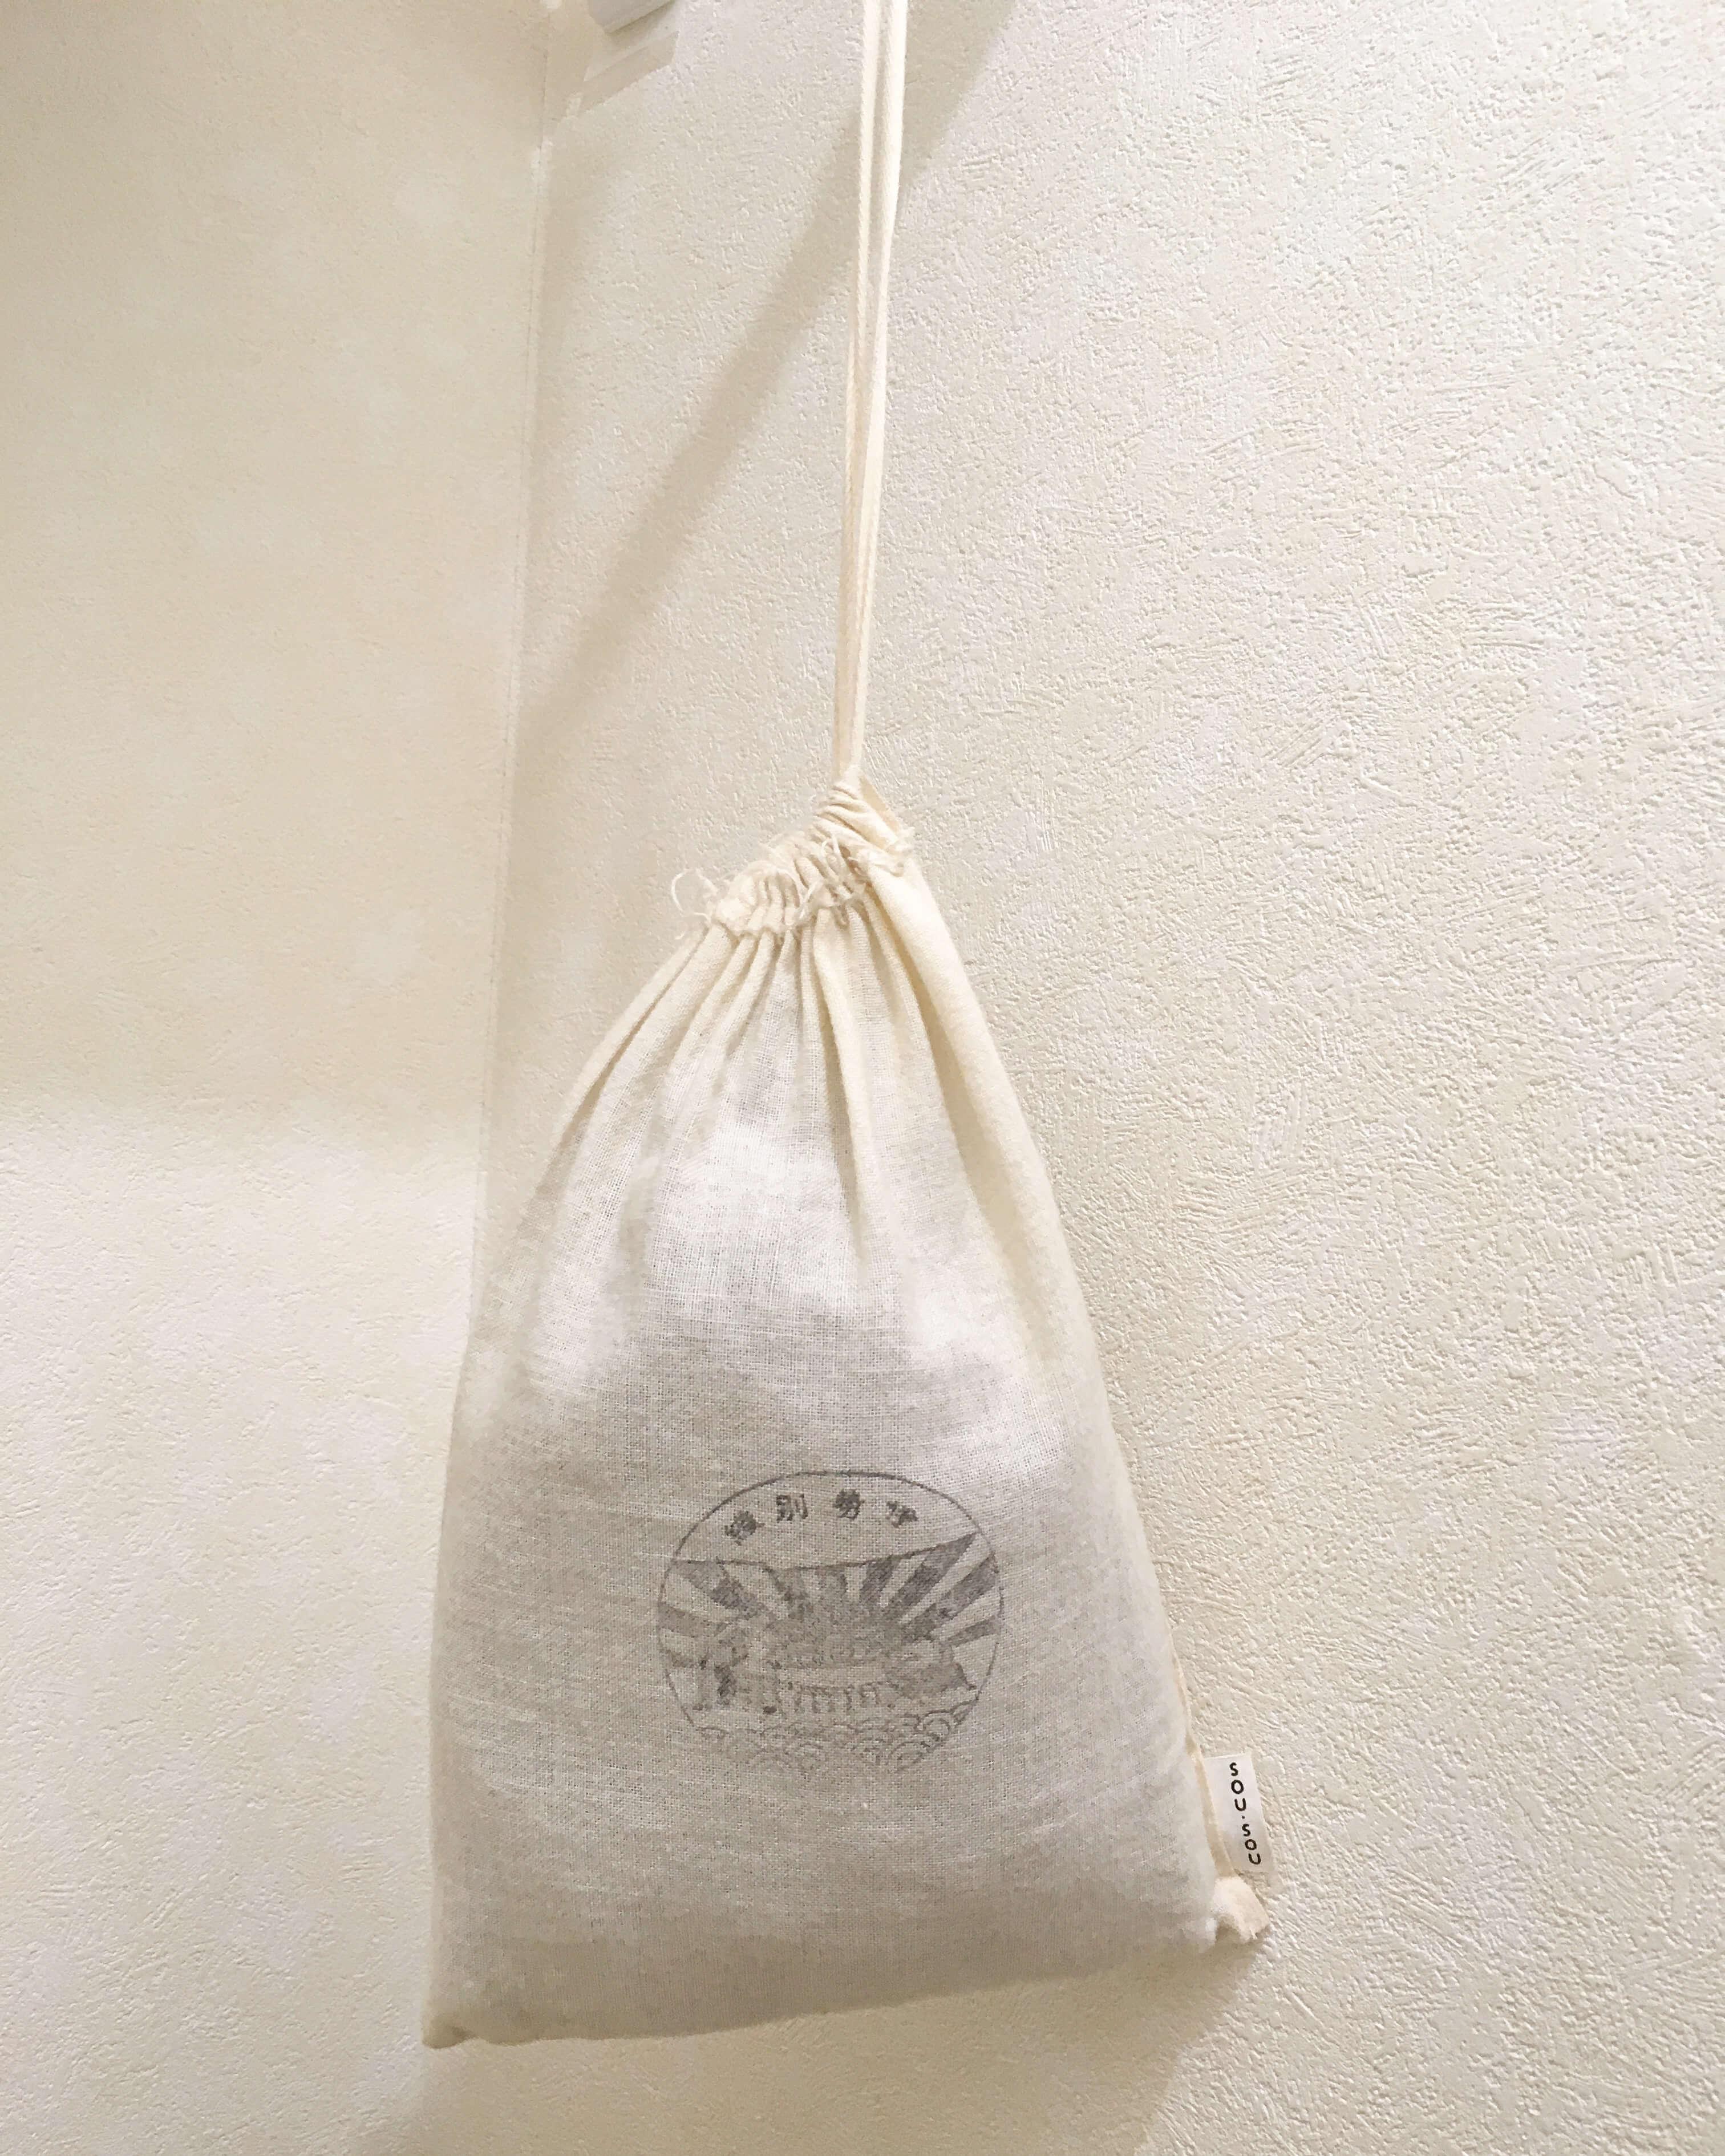 棚にぶら下げたサニタリー袋